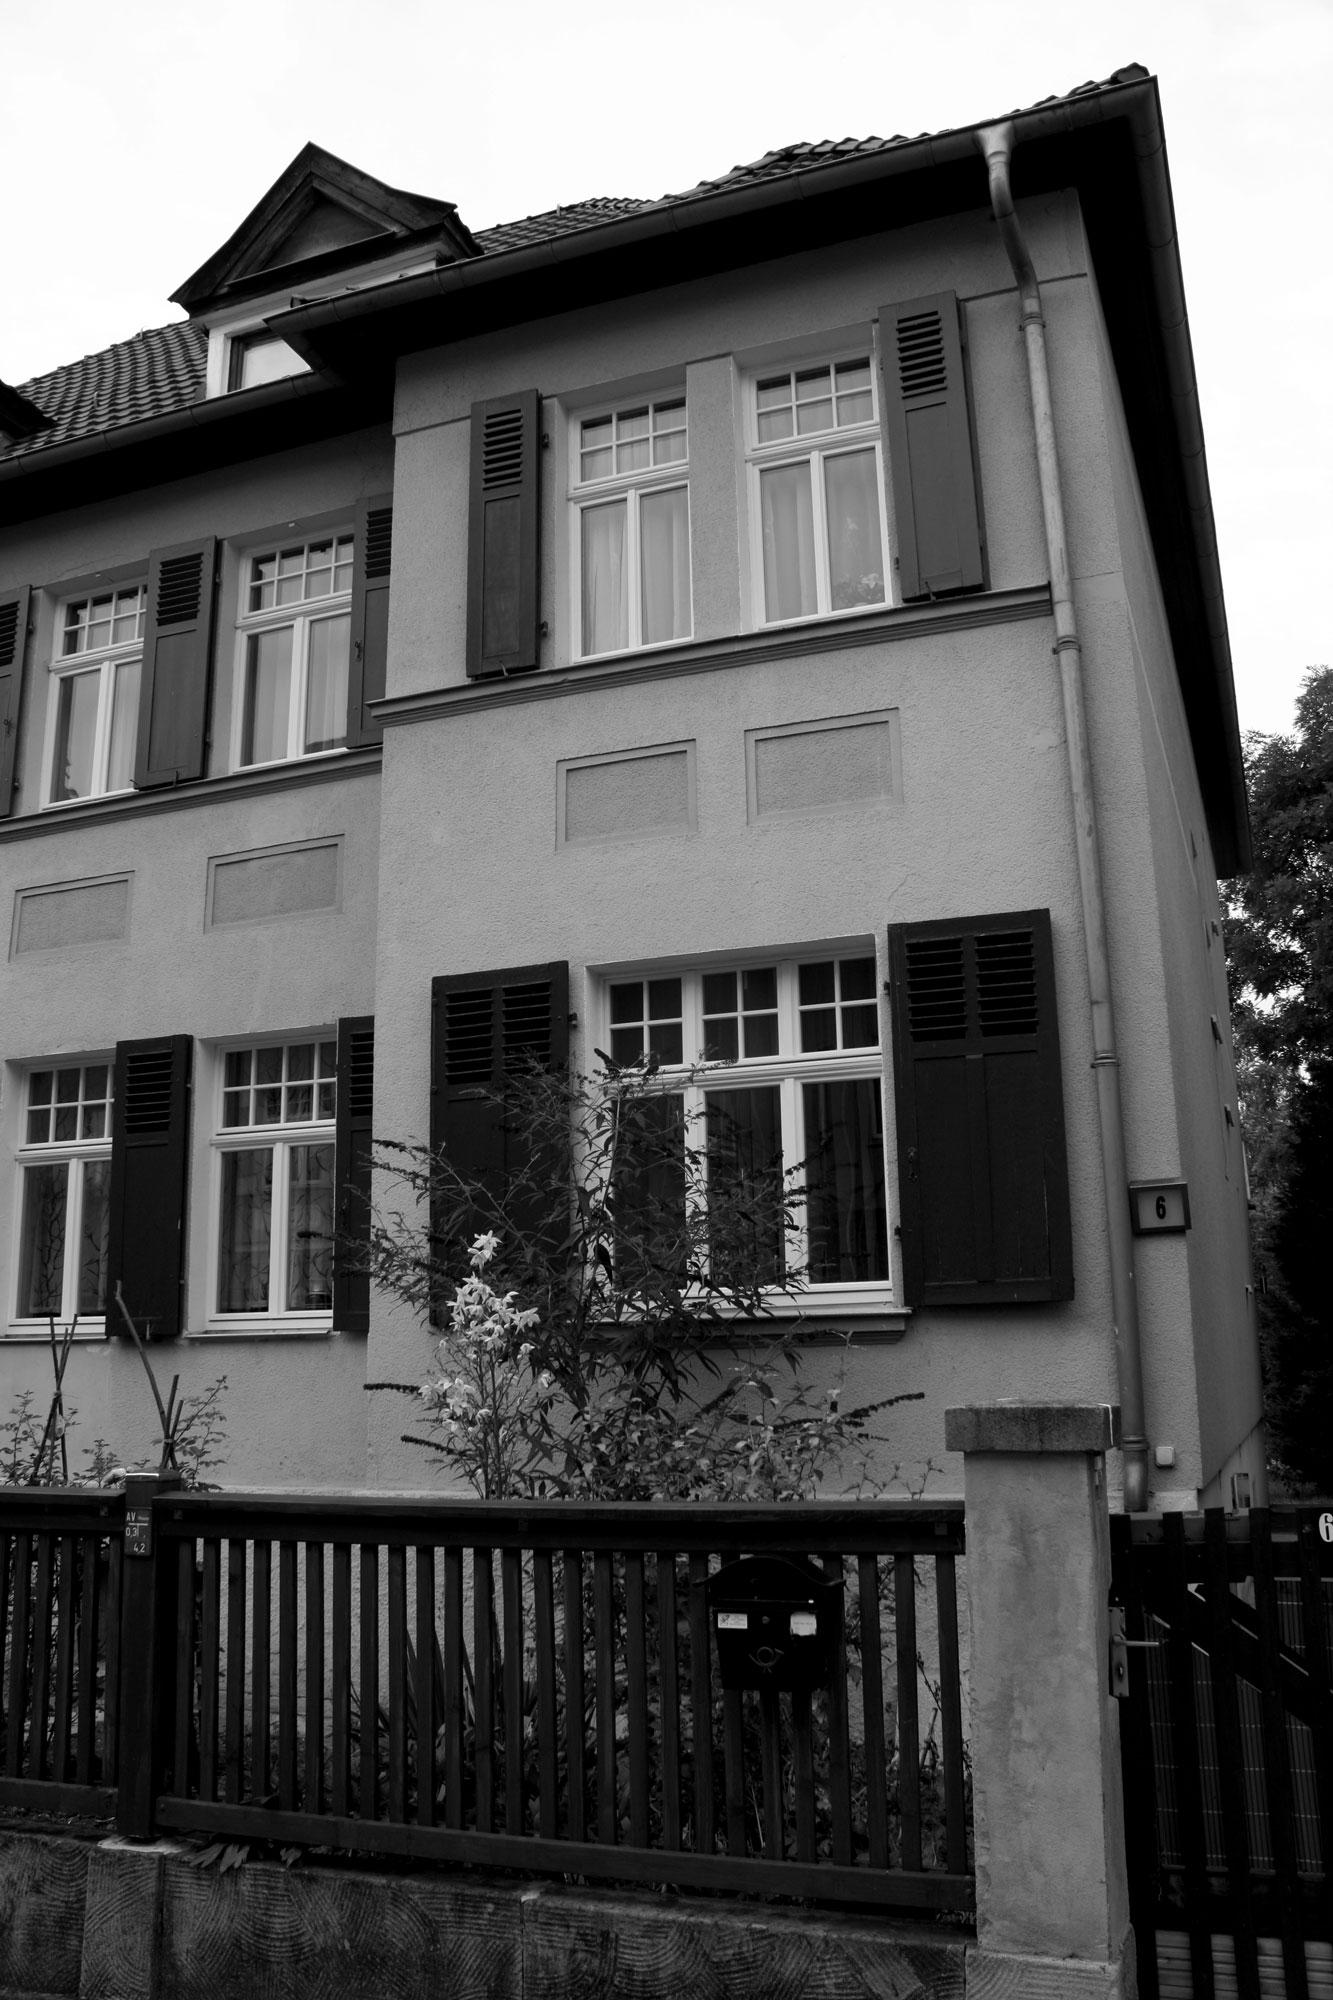 Das Haus Nummer 6 in der Martersteigstraße, 2016